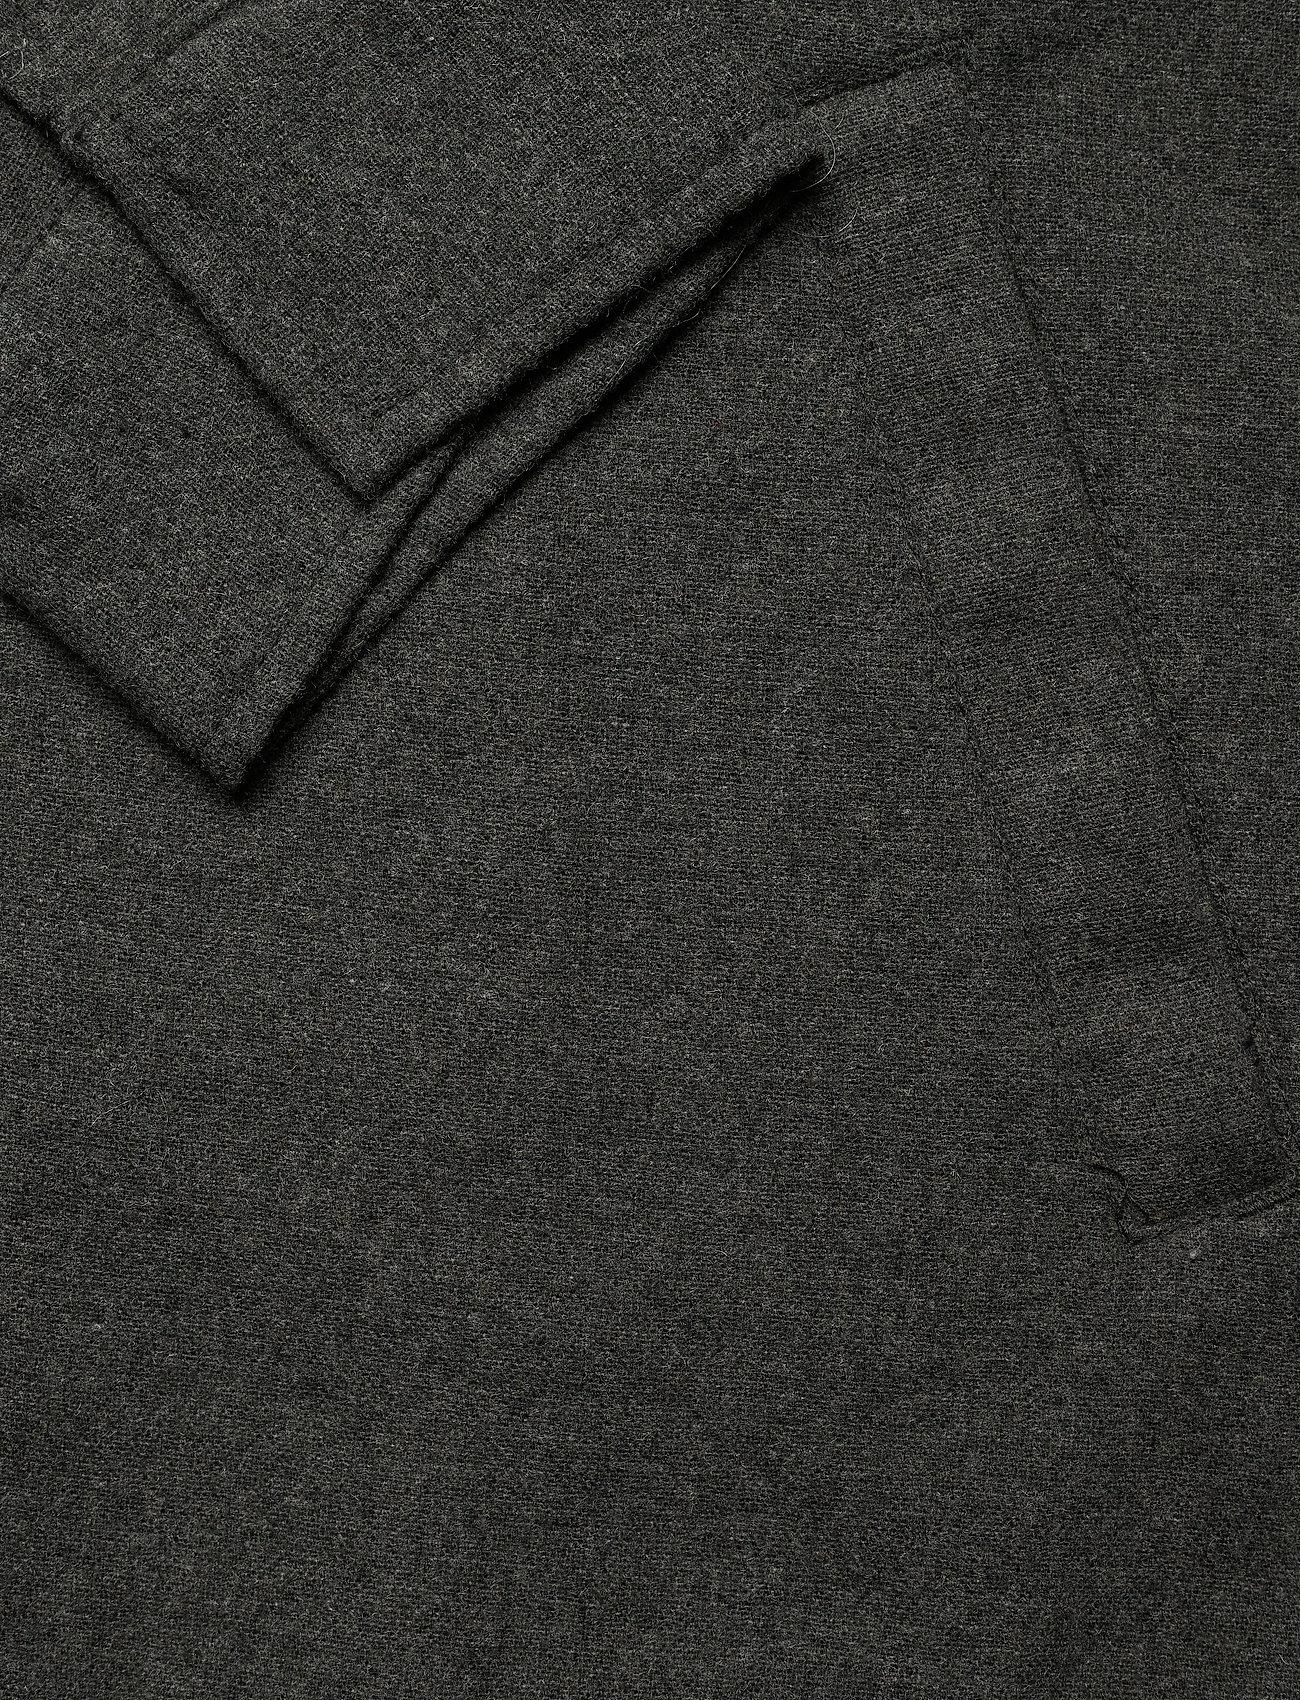 Les Deux Marshall Wool Bomber Jacket - Jakker og frakker DEEP FORREST - Menn Klær